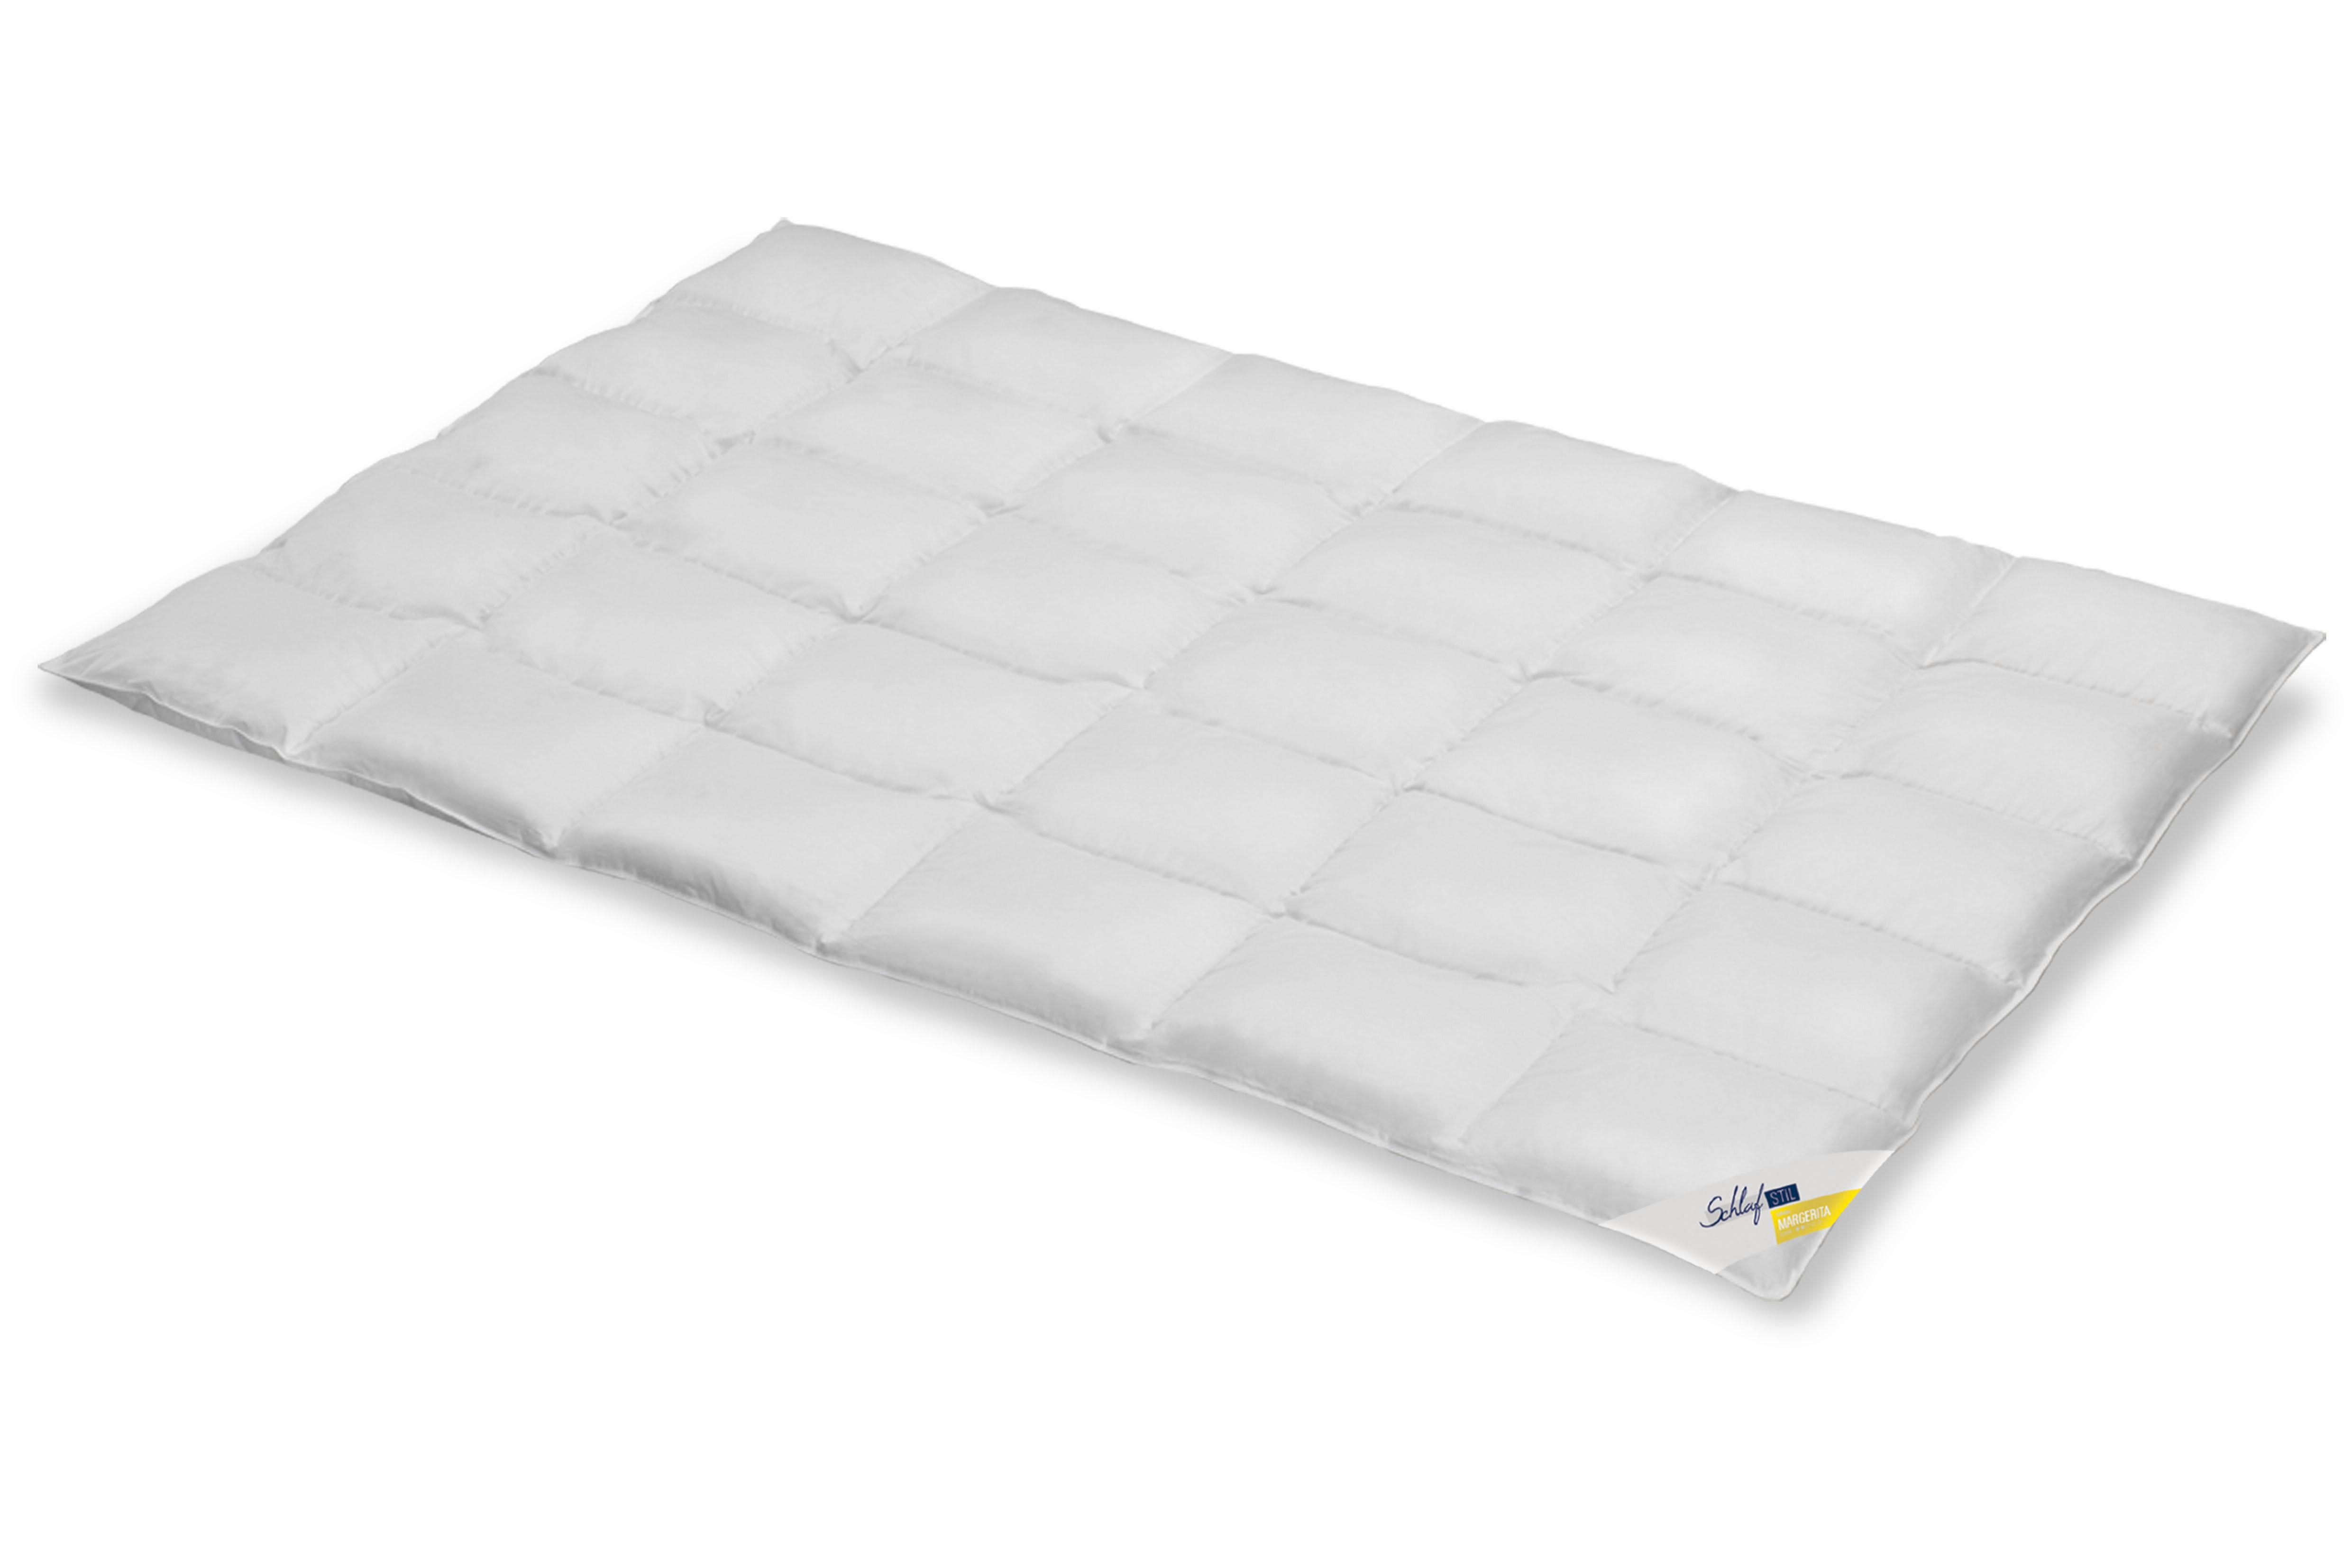 Daunenbettdecke Margerita Schlafstil normal Füllung: 90% Daunen 10% Federn Bezug: 100% Baumwolle